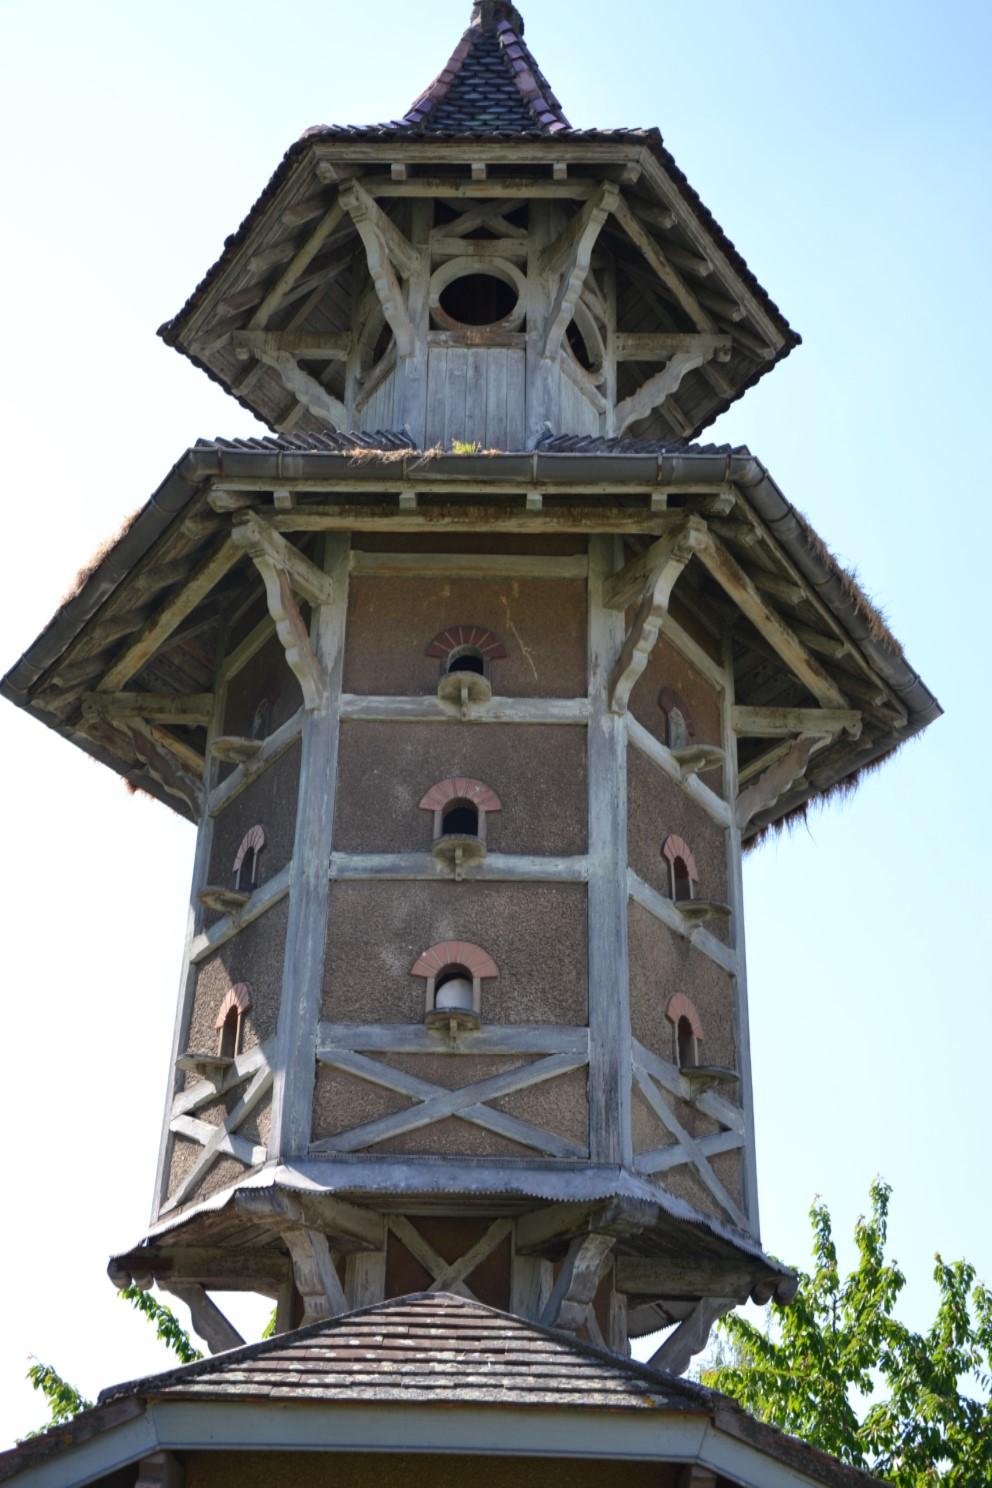 Coulée verte Margency - Eaubonne - Pigeonneir du Château du Val Joli